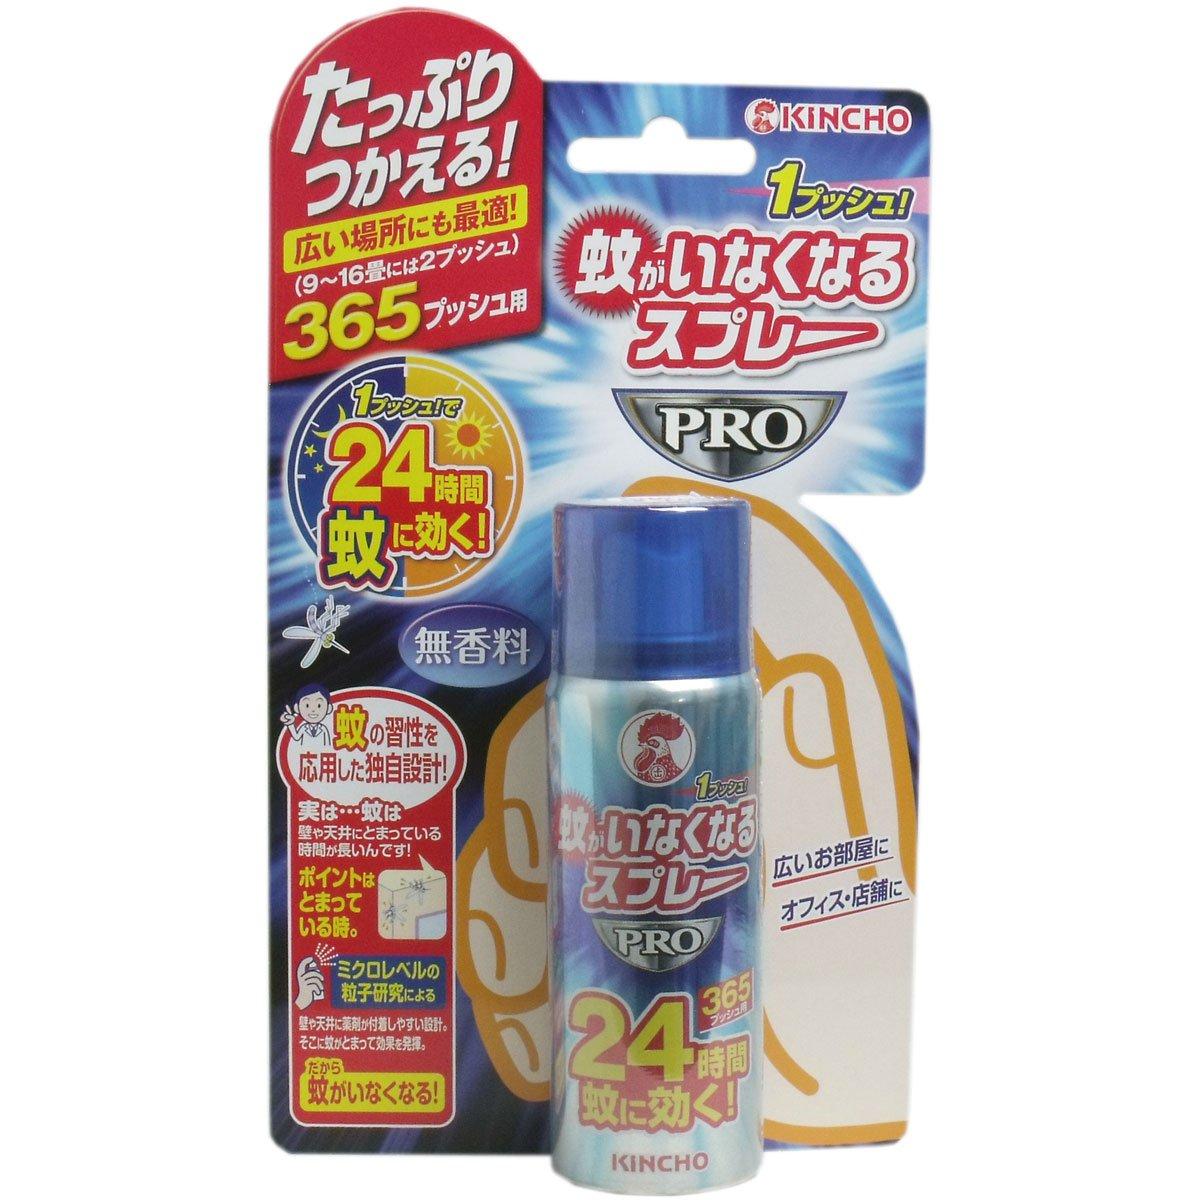 蚊がいなくなるスプレー PRO365プッシュ 無香料 24時間 × 10個セット B072C26TV7  10個